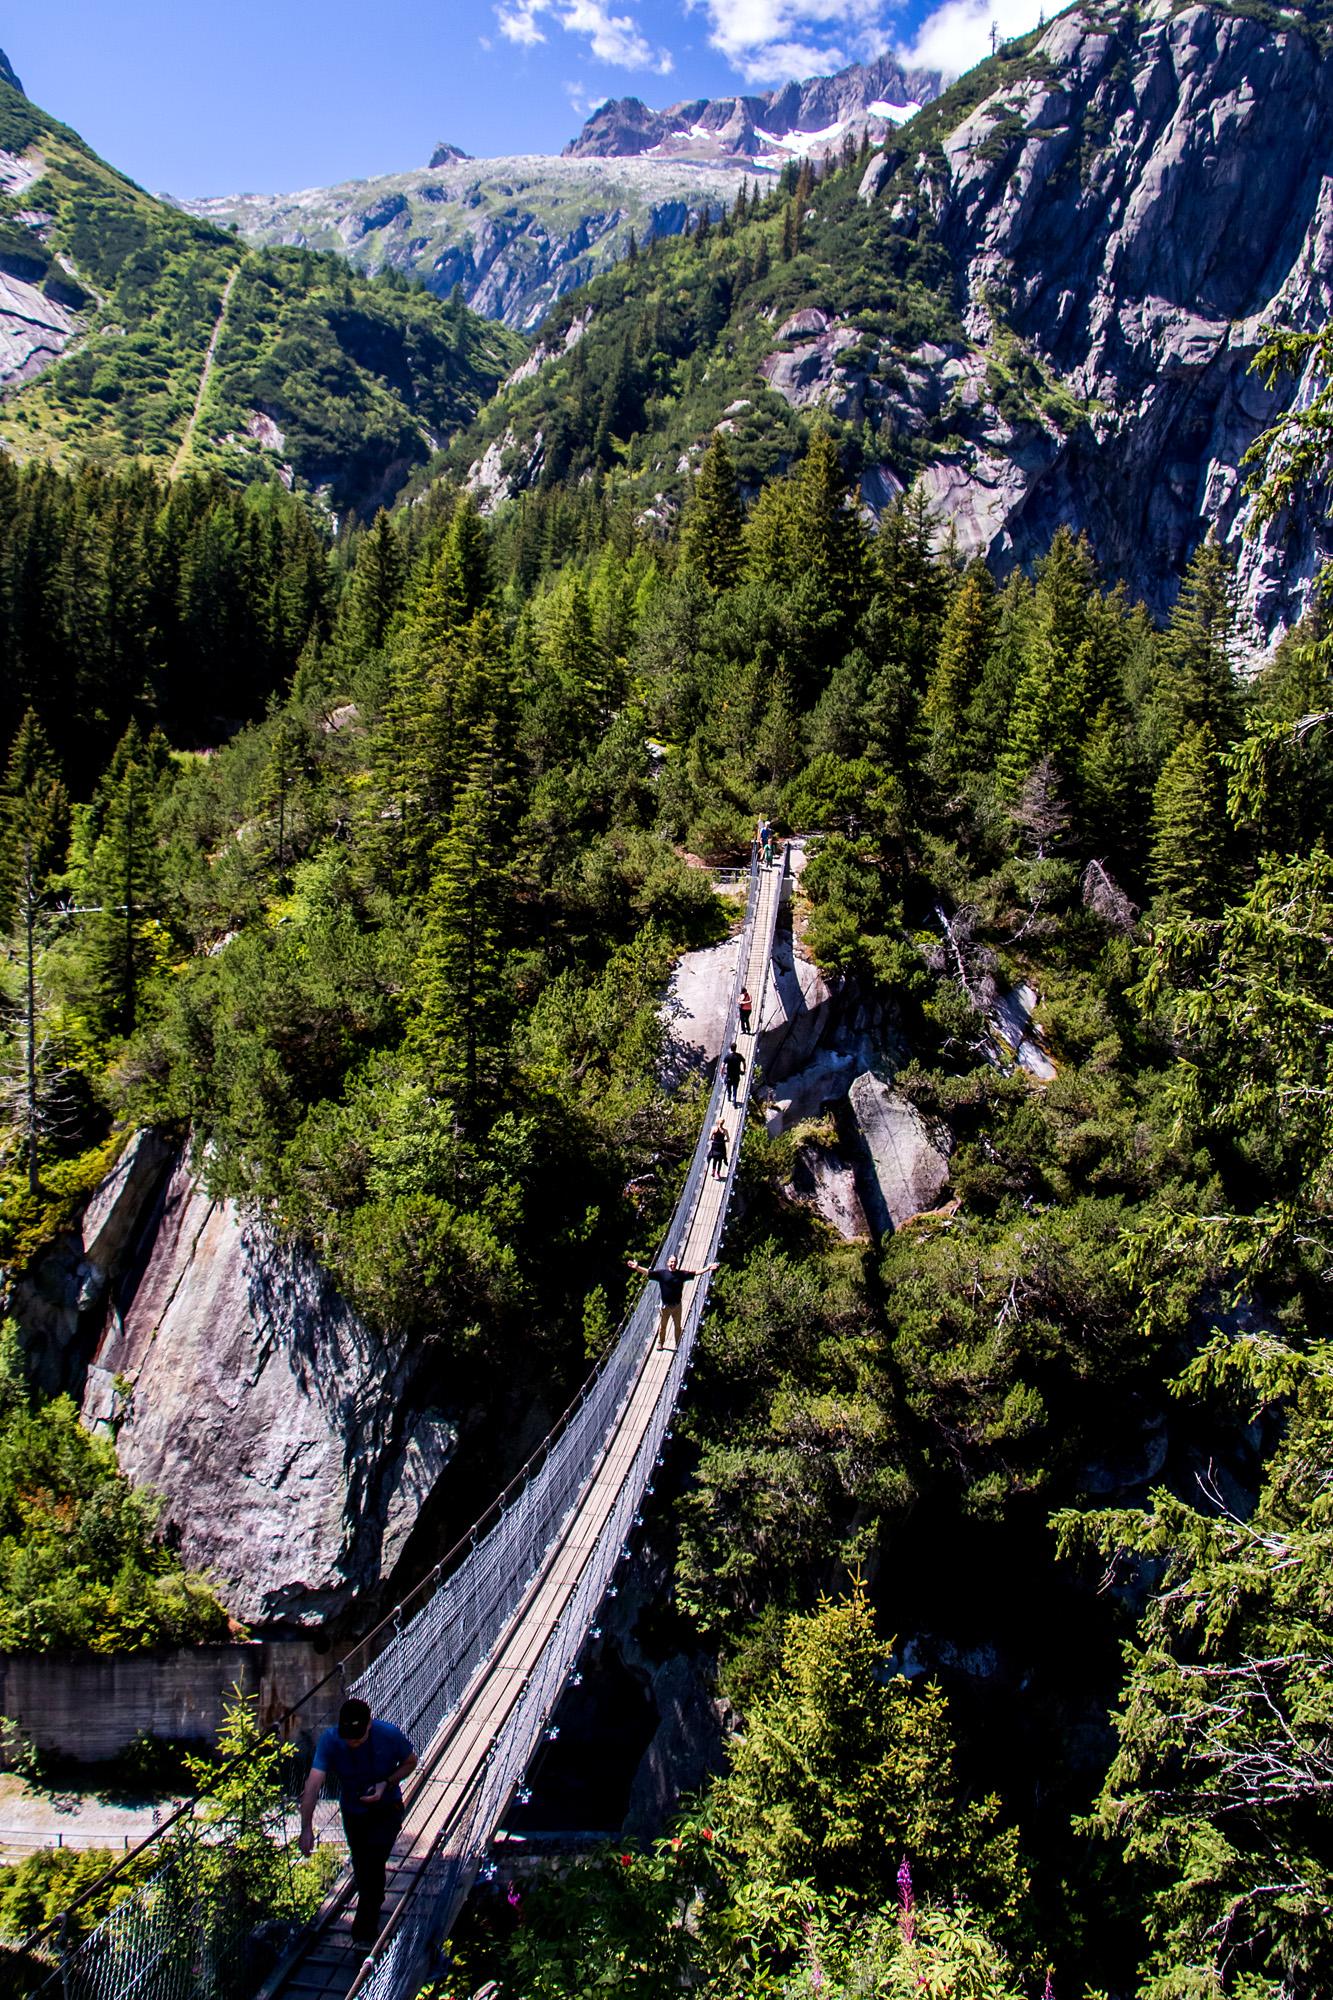 70 Meter über dem Handeckfall wurde diese Hängebrücke errichtet. Ein Adrenalinkick...